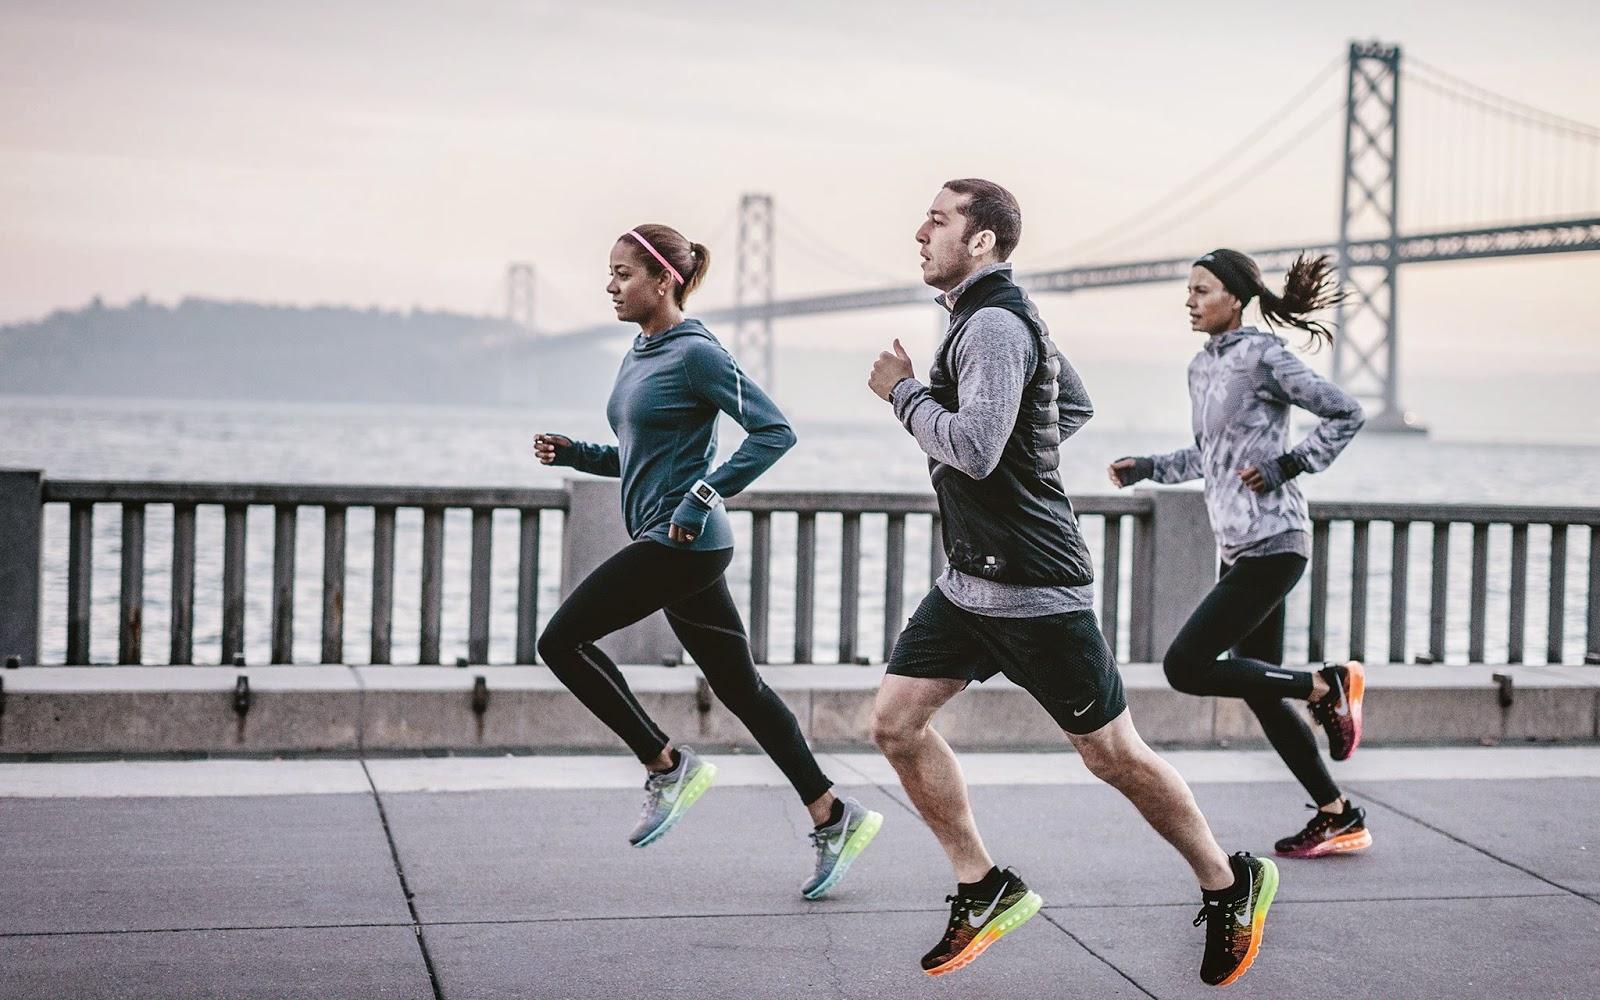 Nike et running sont deux notions liées depuis maintenant des années. Avec des produits en tous genres, aussi bien chaussures que textiles et accessoires, Nike dispose d'une vaste gamme. On vous dit tout pour profiter de promotions allant jusqu'à 50 % sur le rayon running du Nike Store.